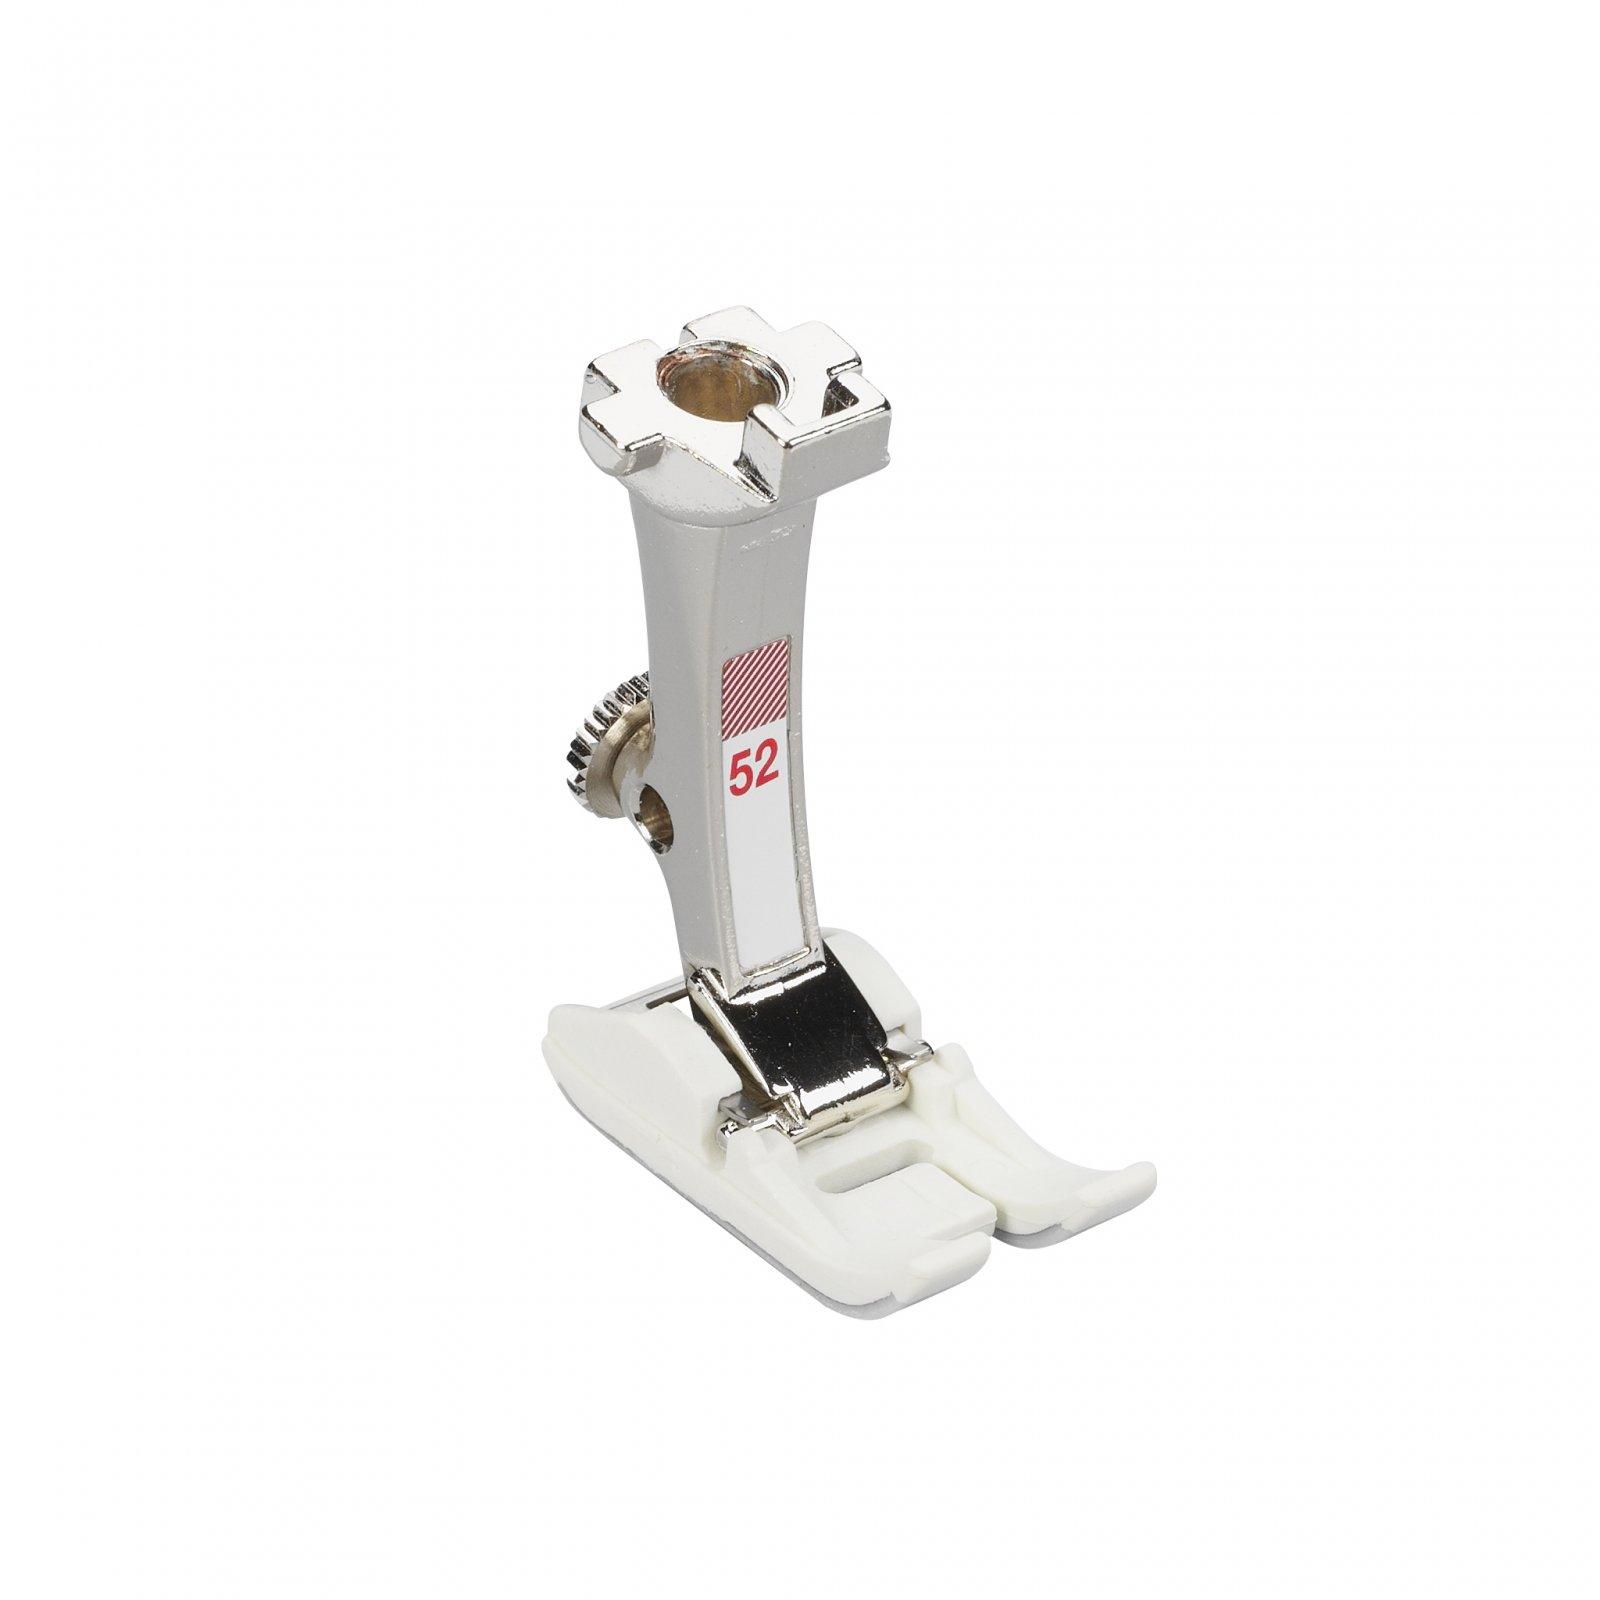 #52 Zig Zag Foot with Non-Stick Sole ( Teflon Sole ) BERNINA